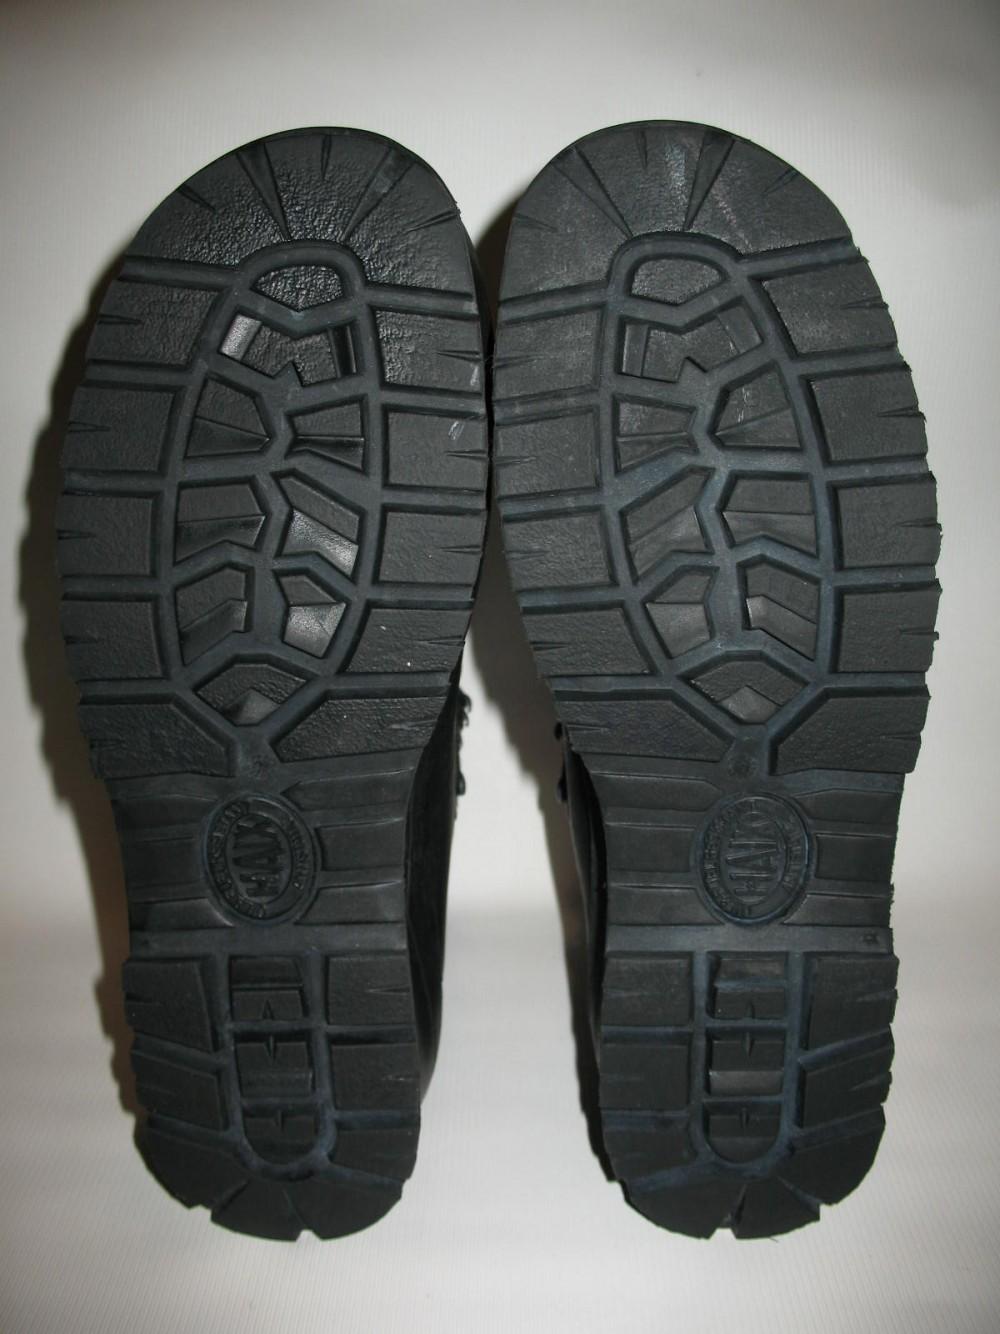 Ботинки HAIX trekker pro boots (размер UK8,5/US9,5/EU43(на стопу до 285 mm)) - 9